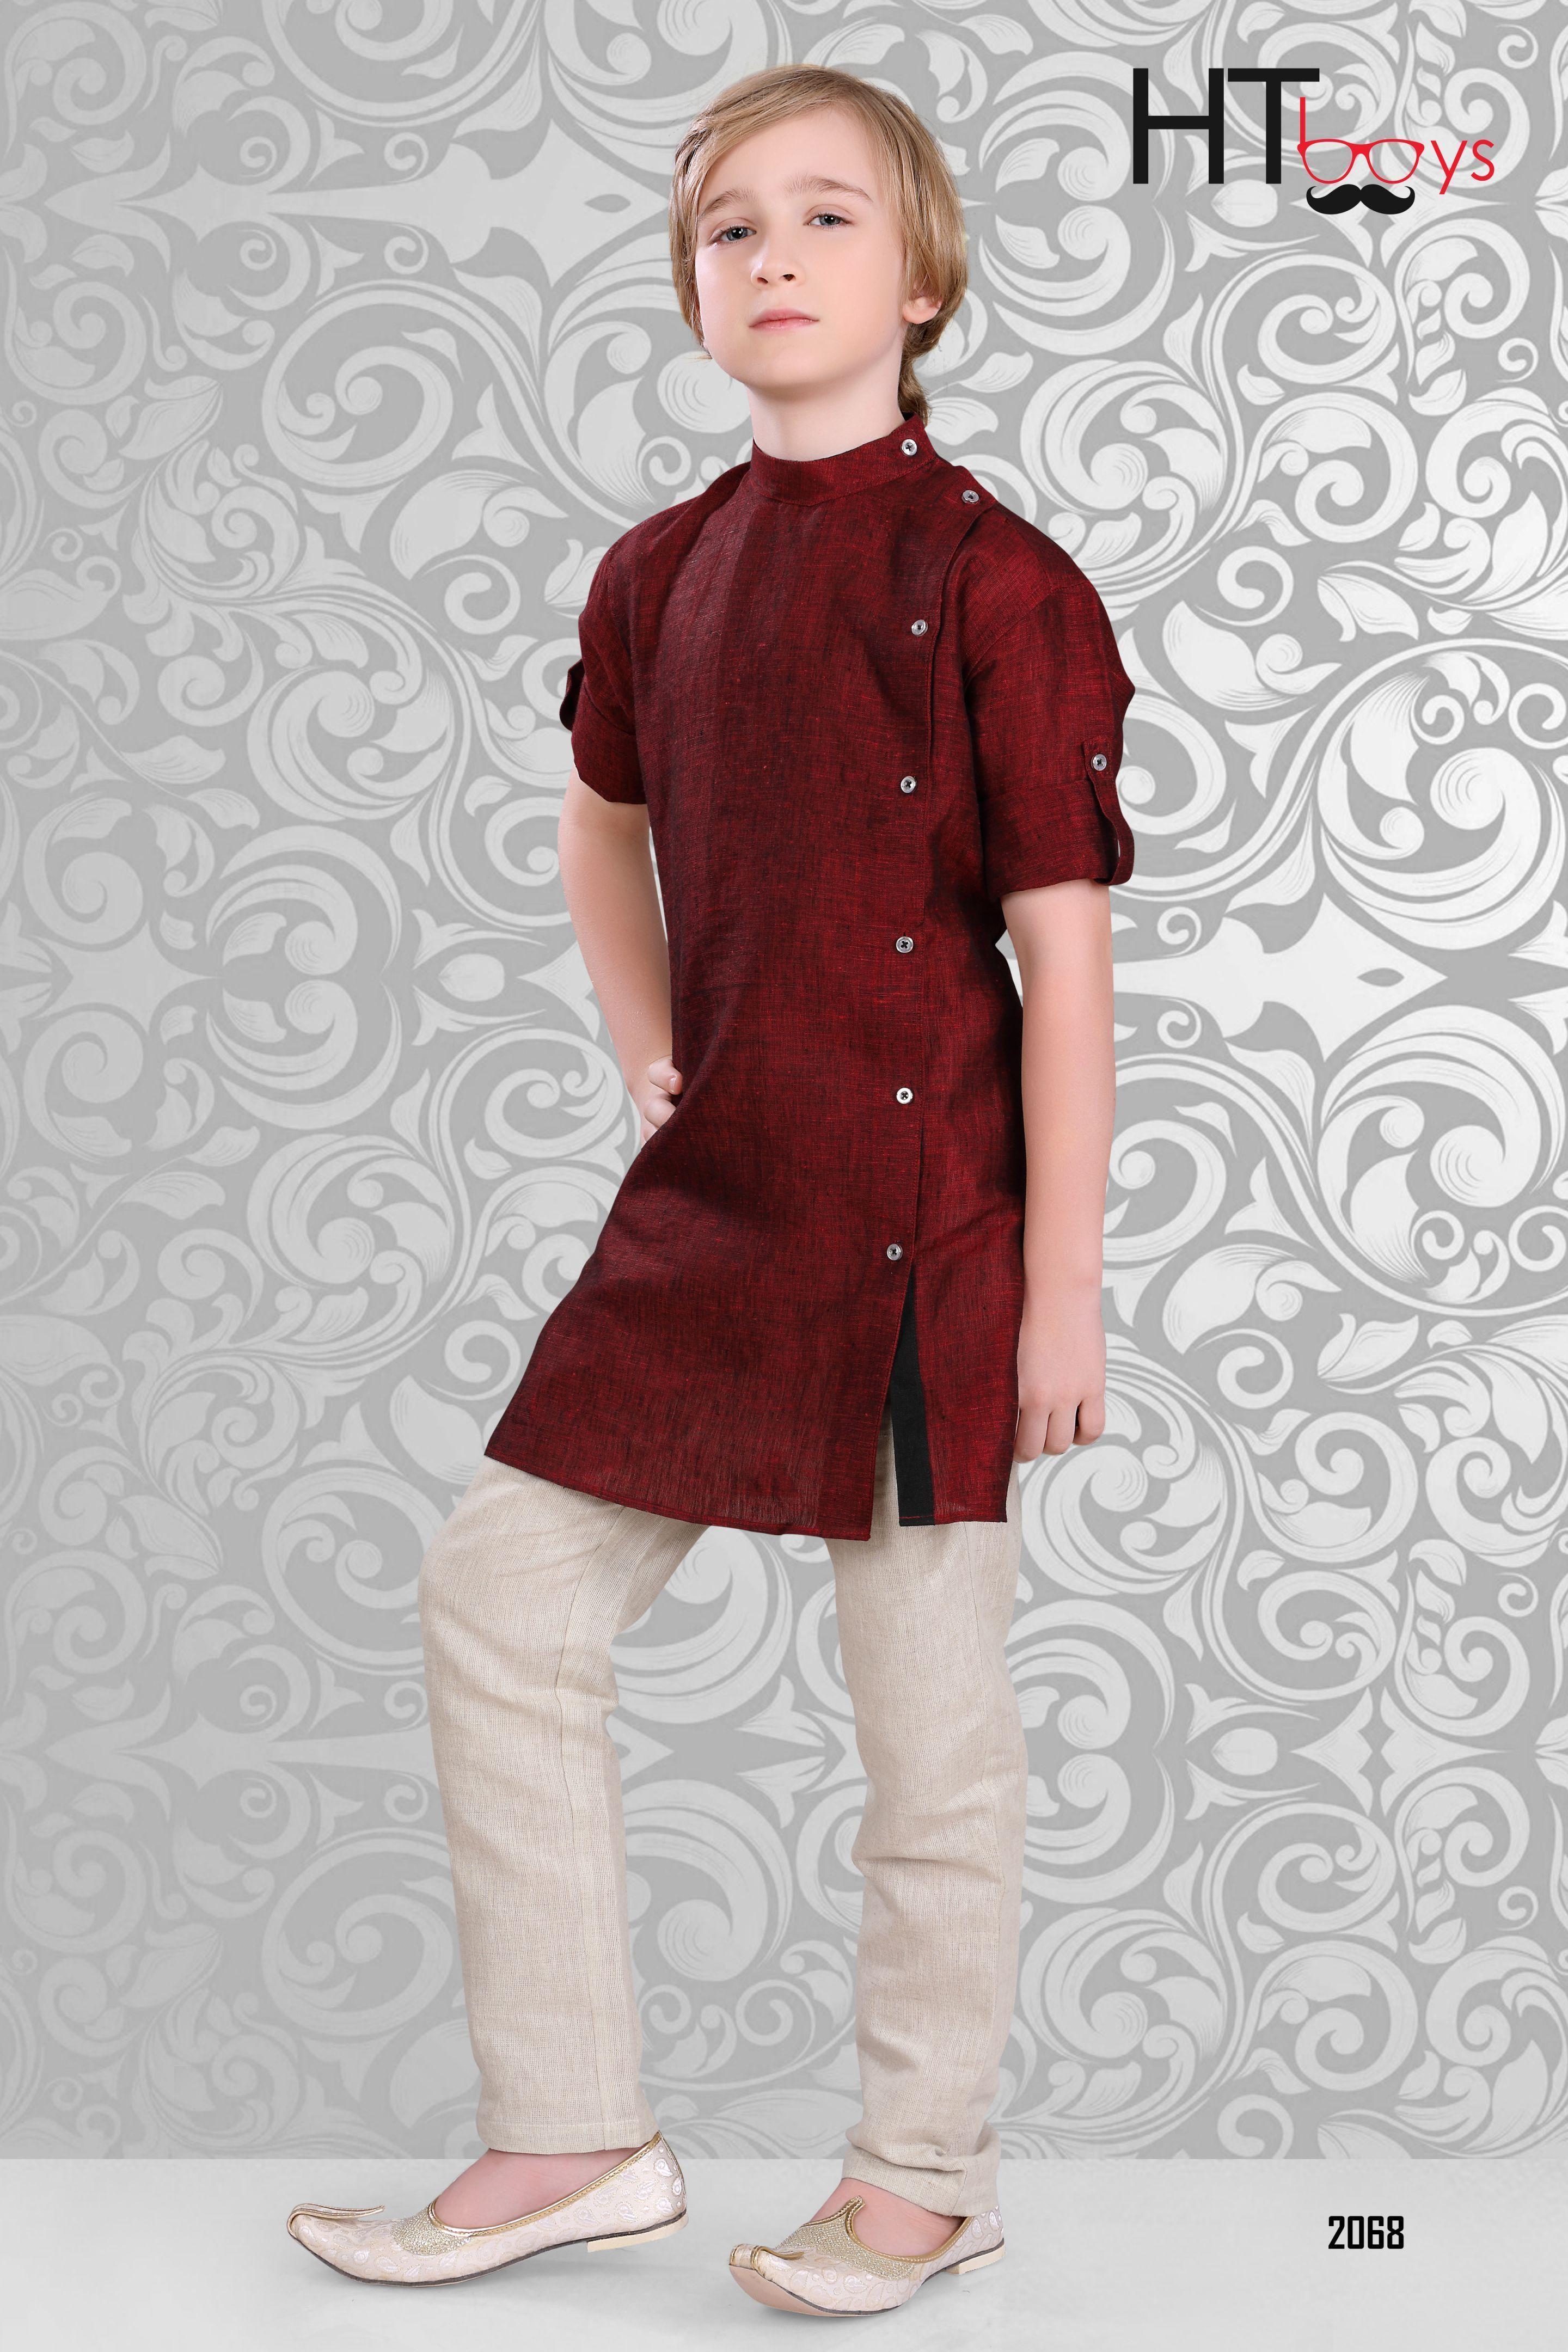 Pin by raj patel on shirt pinterest gray pants